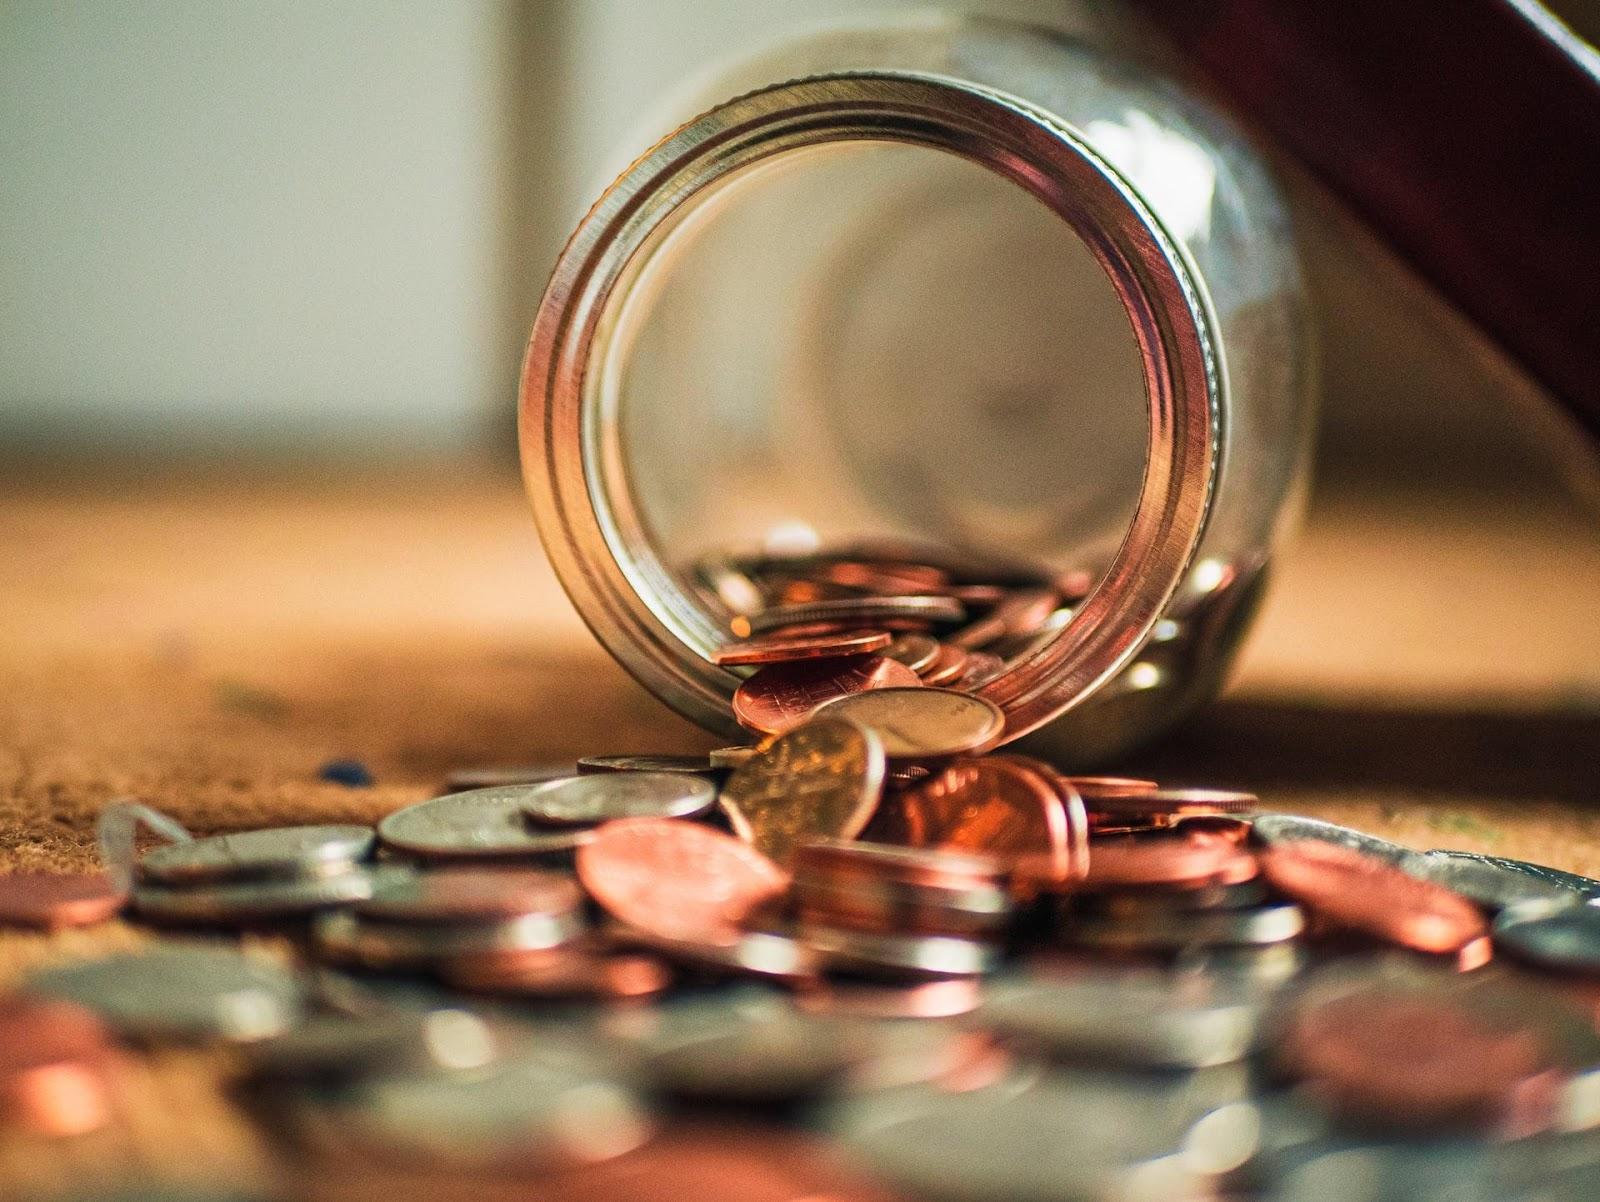 Saiba o que é frugal e como pode ajudar a sua vida financeira